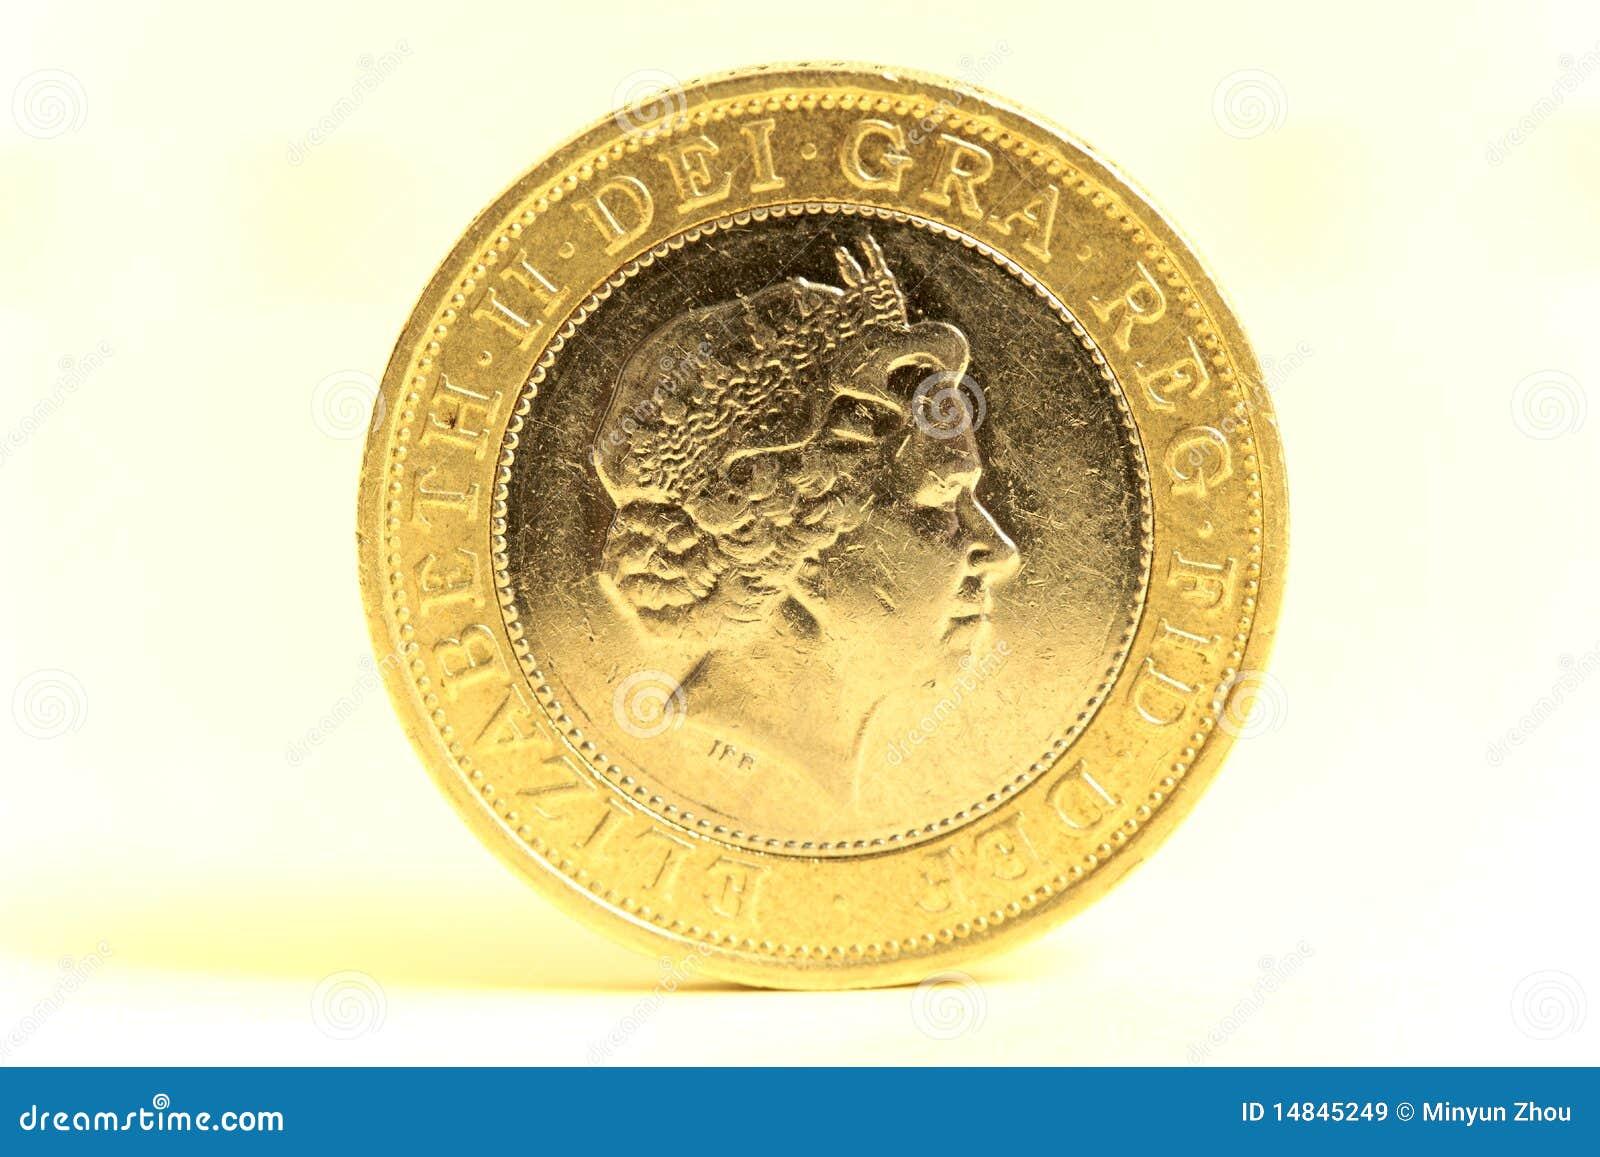 Britische Bargeld Zwei Pfund Münze Stockbild Bild Von Finanziell